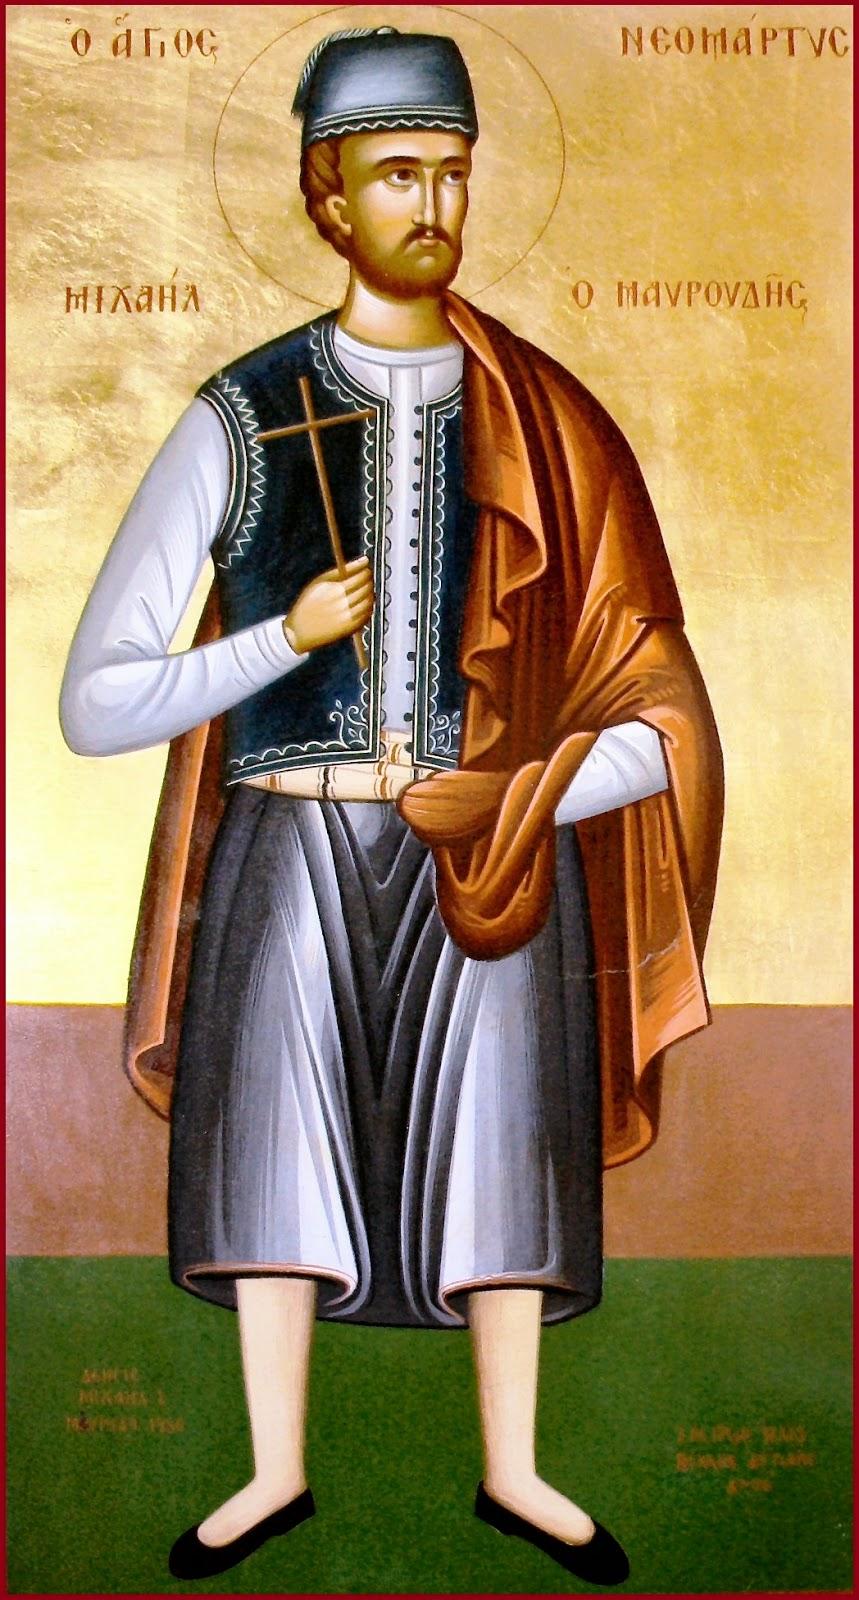 Άγιος Μιχαήλ ο Μαυρουδής